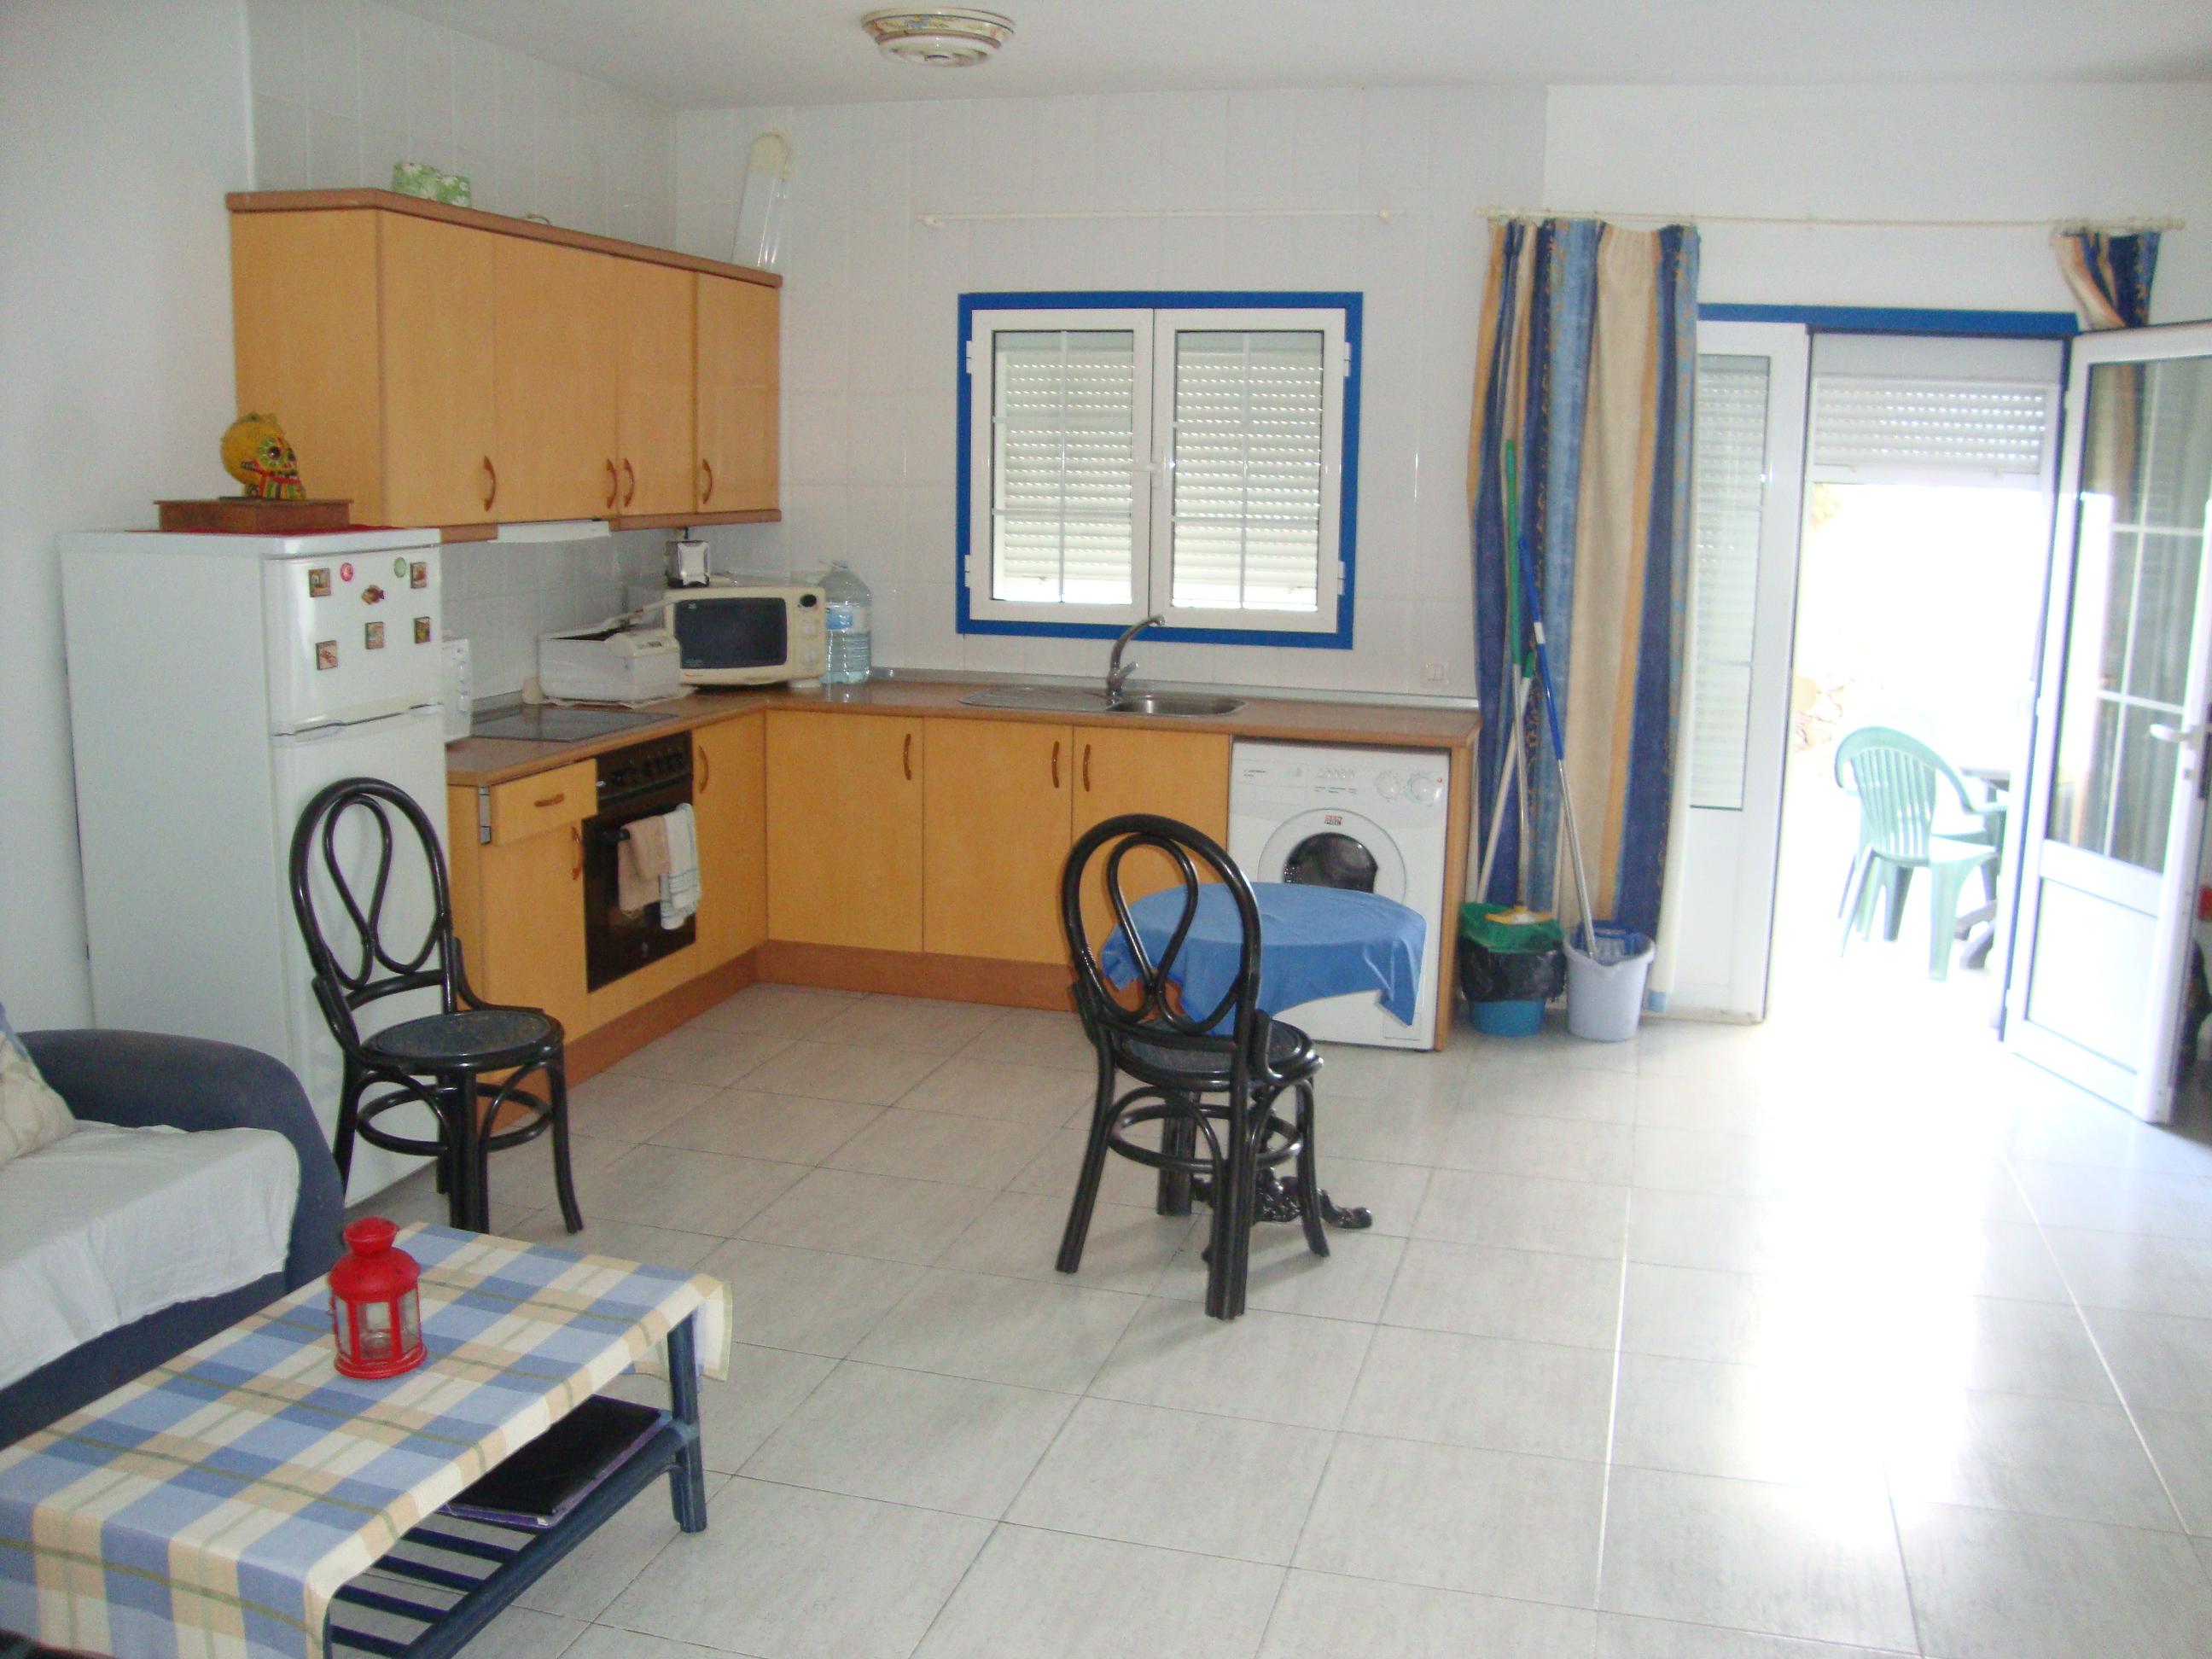 18273 Virginia Oasis Playa Blanca Lanzarote # Muebles Kitea Lanzarote